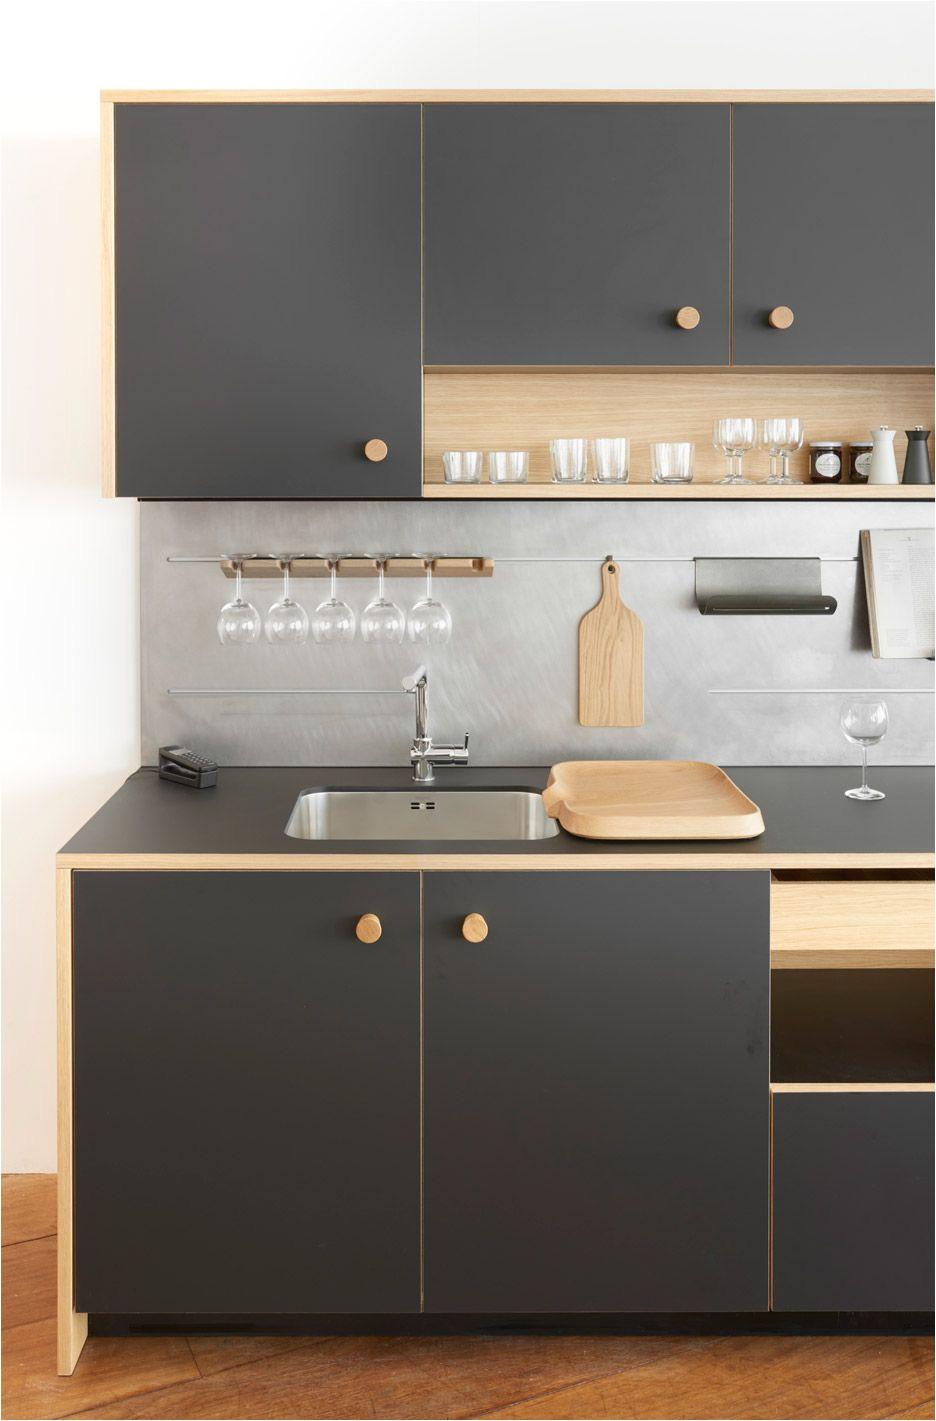 Dise os de cocinas peque as y sencillas con barra cocinas for Disenos de cocinas pequenas y sencillas